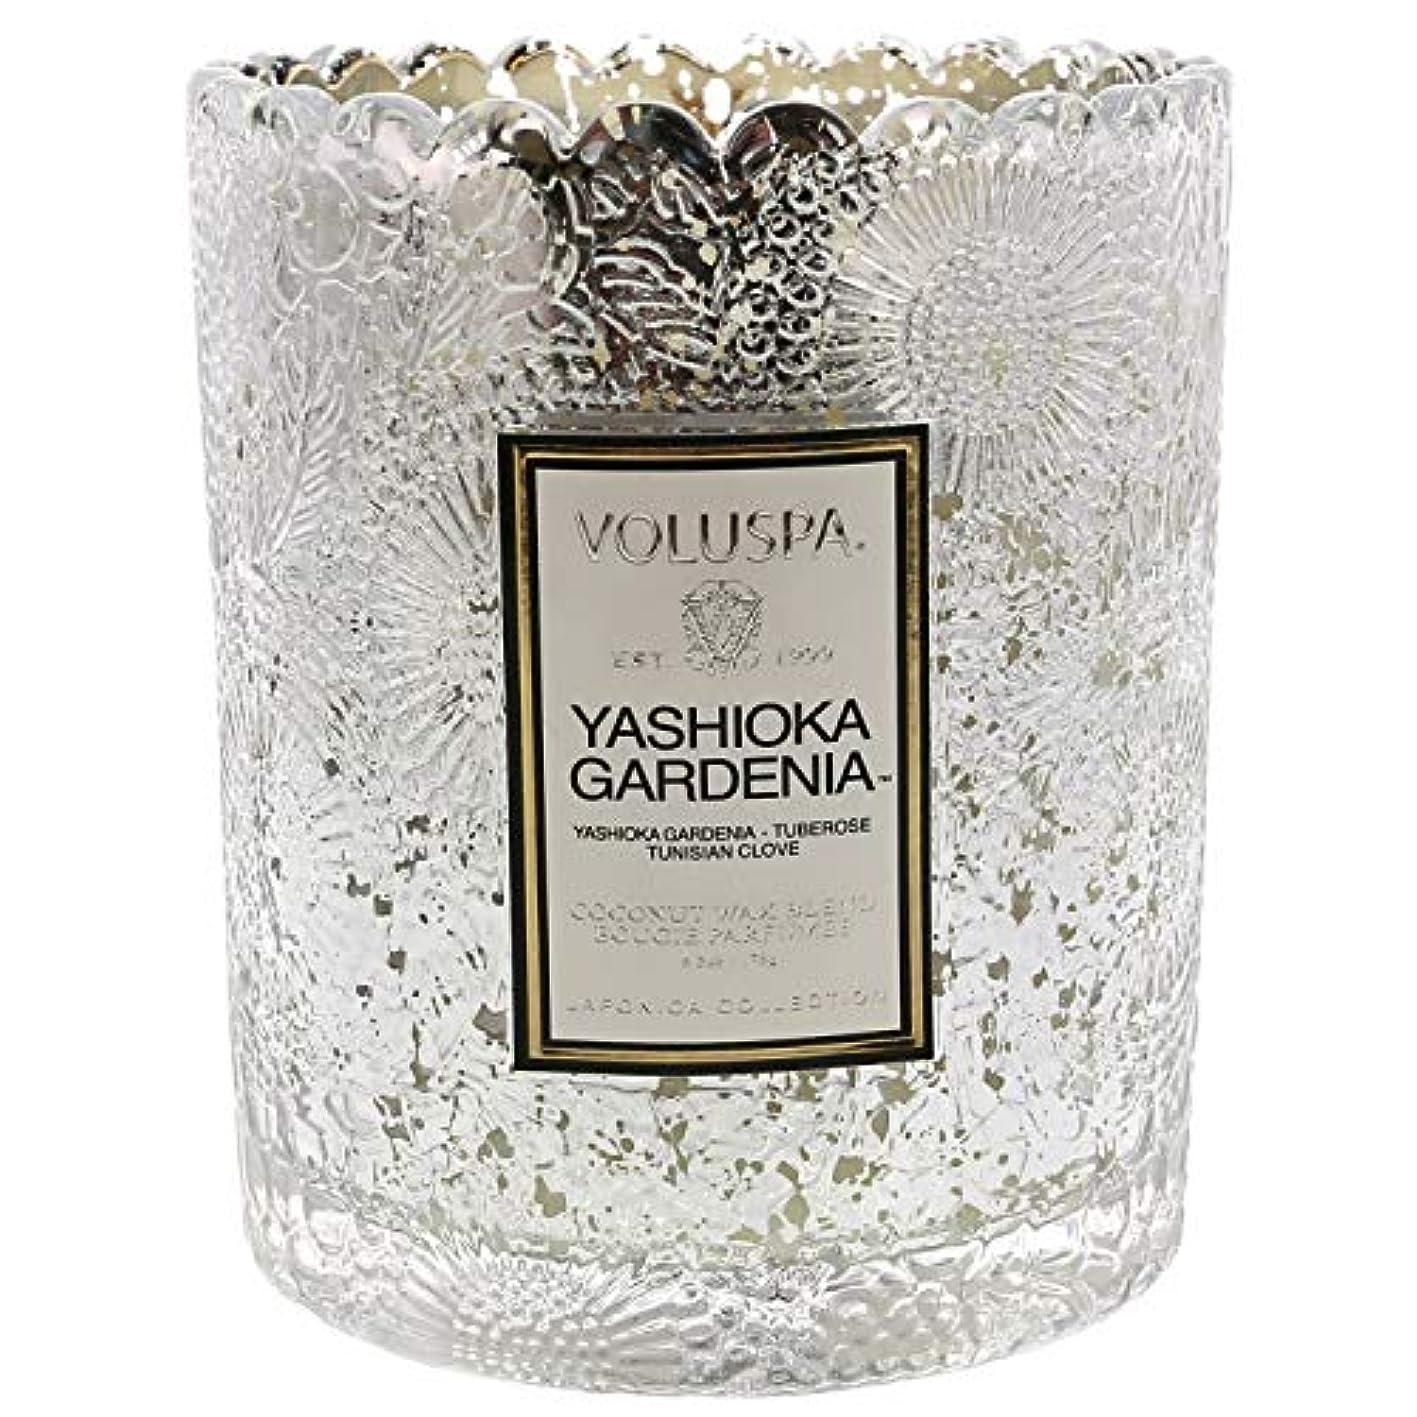 代表するうまれたブラウズVoluspa ボルスパ ジャポニカ リミテッド スカラップグラスキャンドル  ヤシオカガーデニア YASHIOKA GARDENIA JAPONICA Limited SCALLOPED EDGE Glass Candle